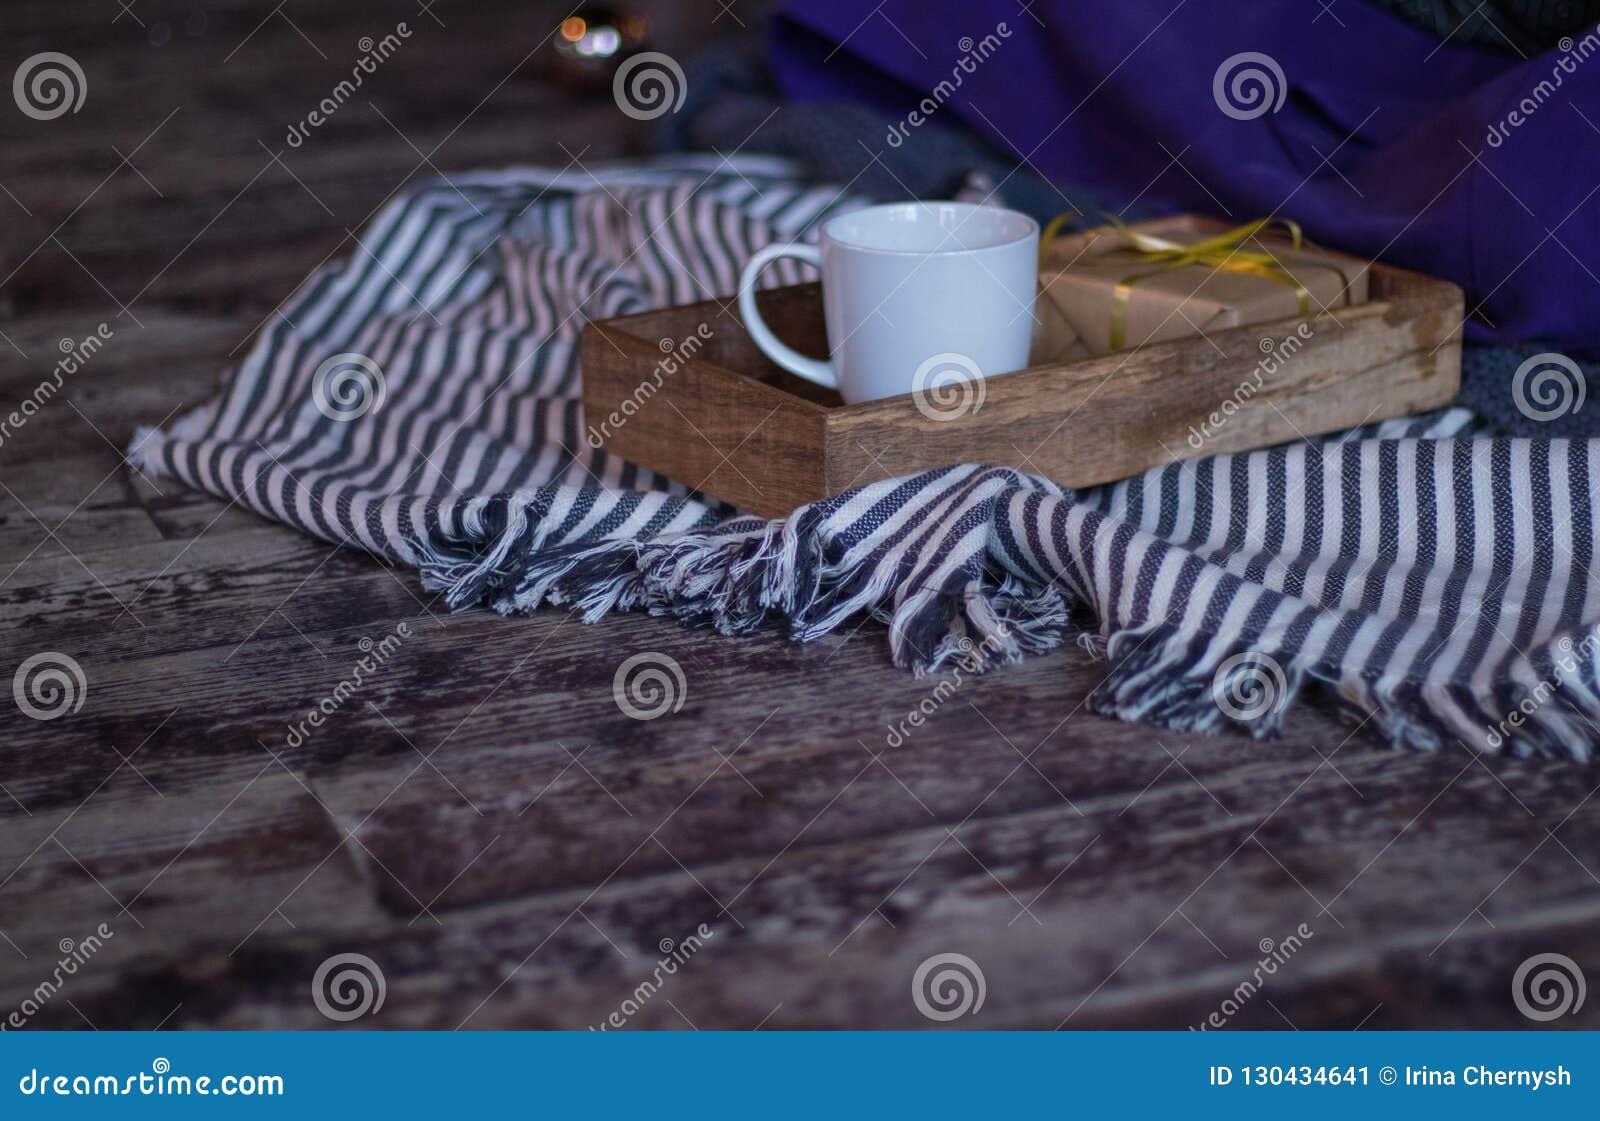 冬天装饰:咖啡、礼物、盘子、球和舒适镶边格子花呢披肩 所选的重点